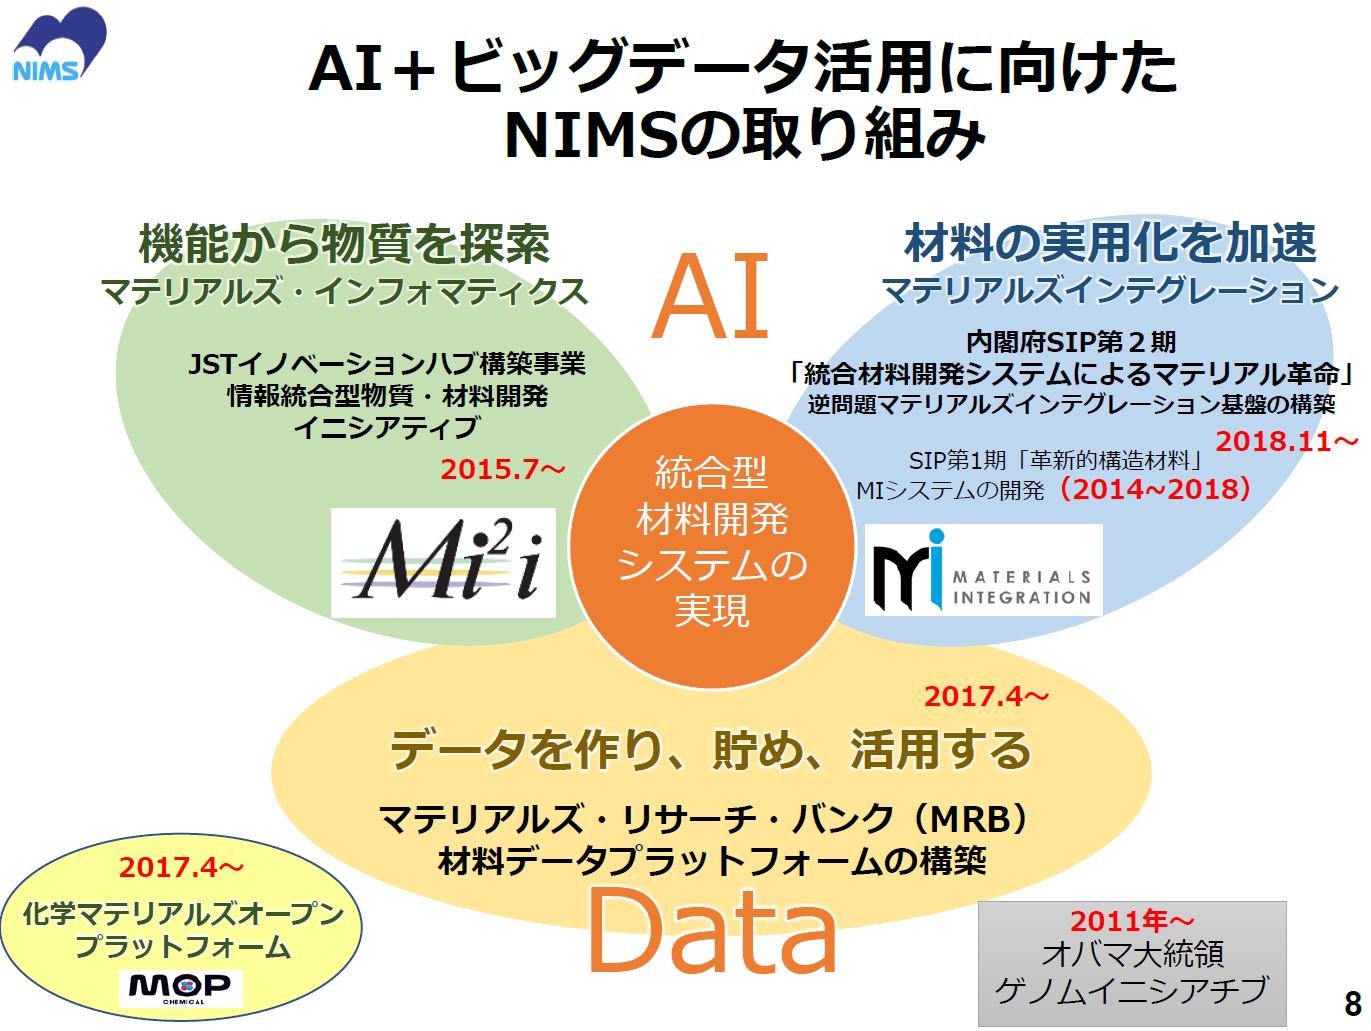 図表1 AI+ビッグデータ活用に向けたNIMSの取り組み